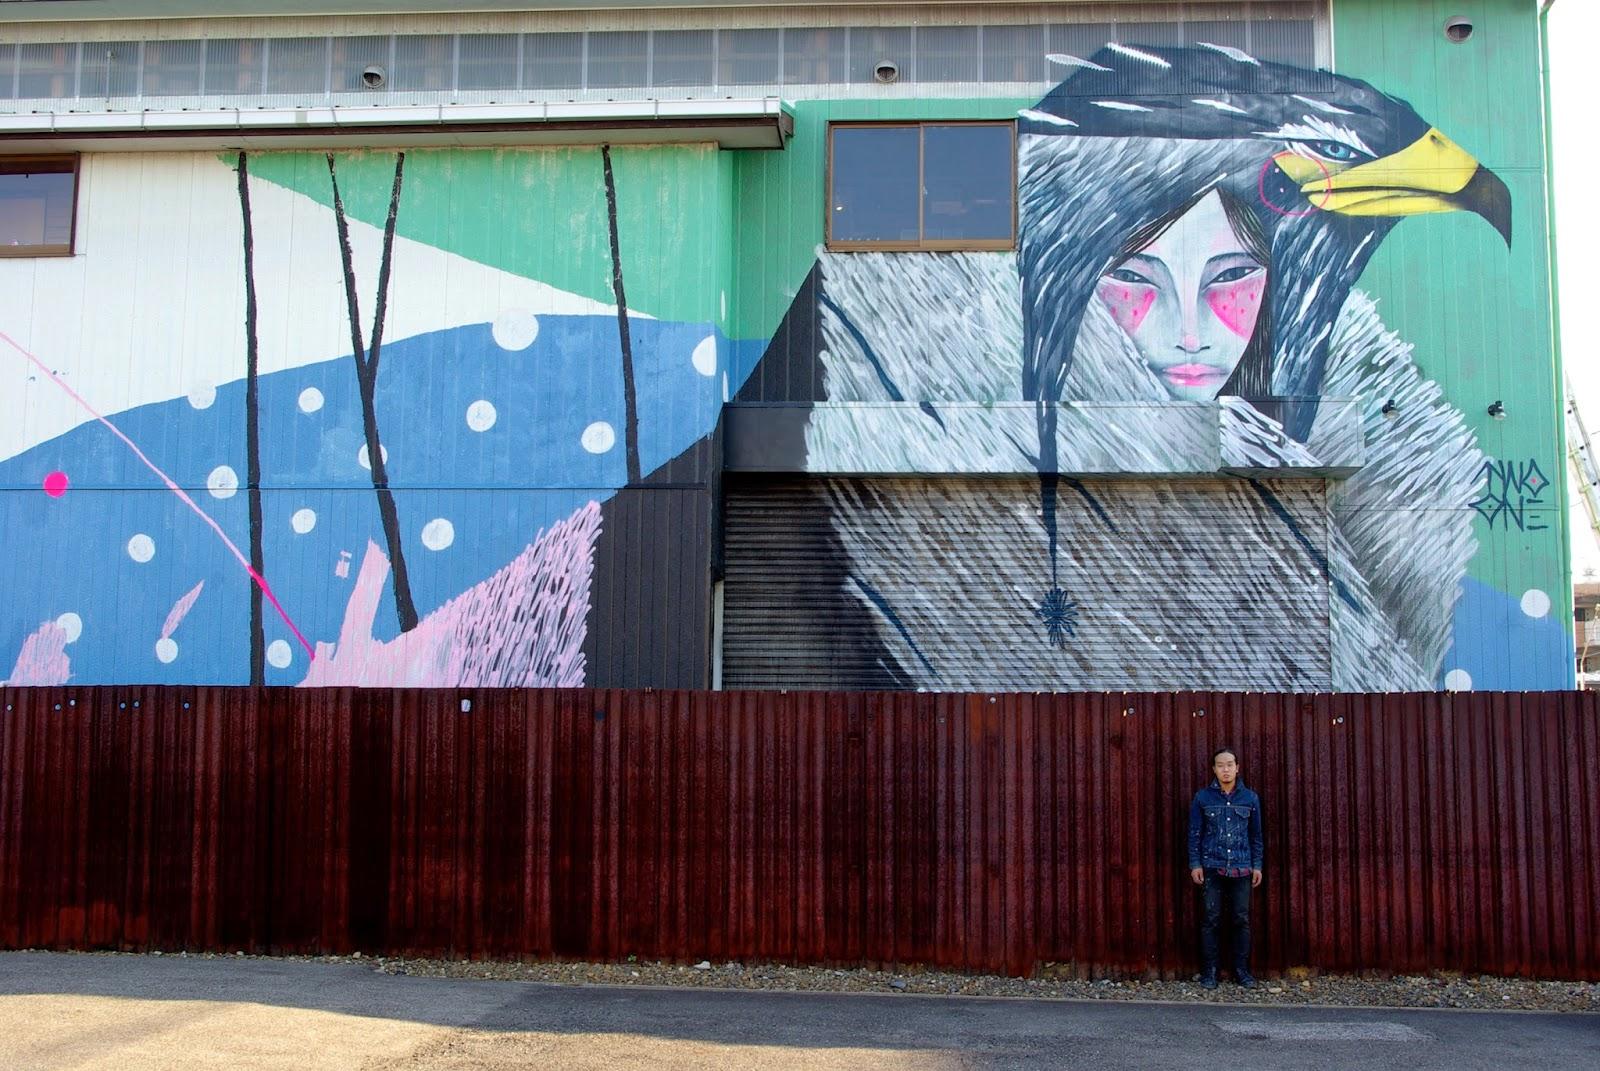 twoone-a-series-of-murals-in-nagoya-japan-01